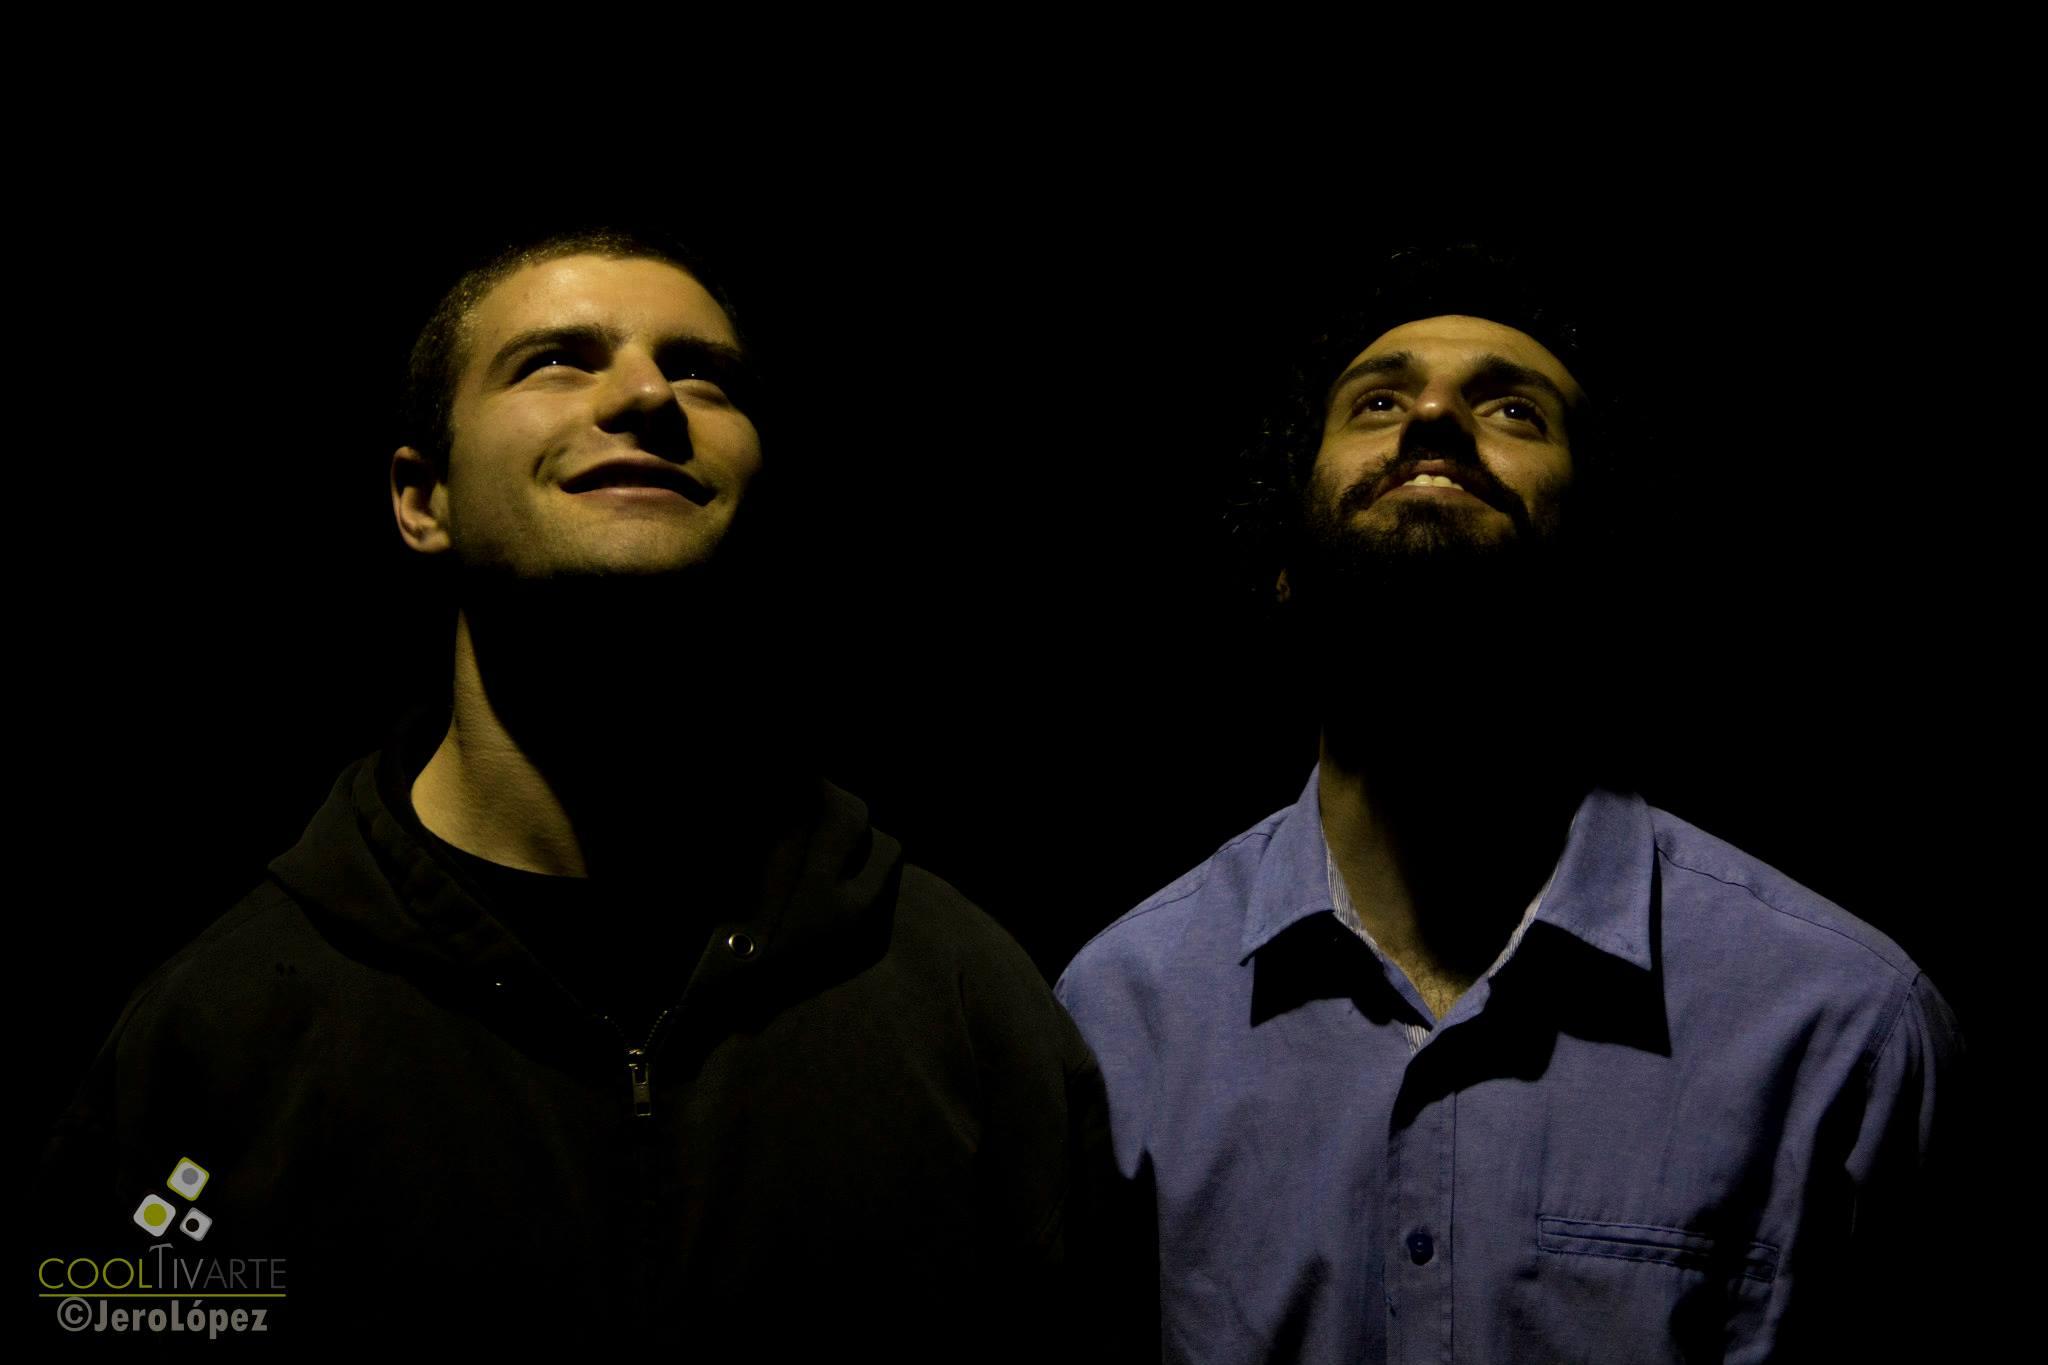 imagen - SEÑOR FARAÓN y MATADOR presentan CABALÁ en Tractatus 11 de julio Foto © Jeronimo Lopez